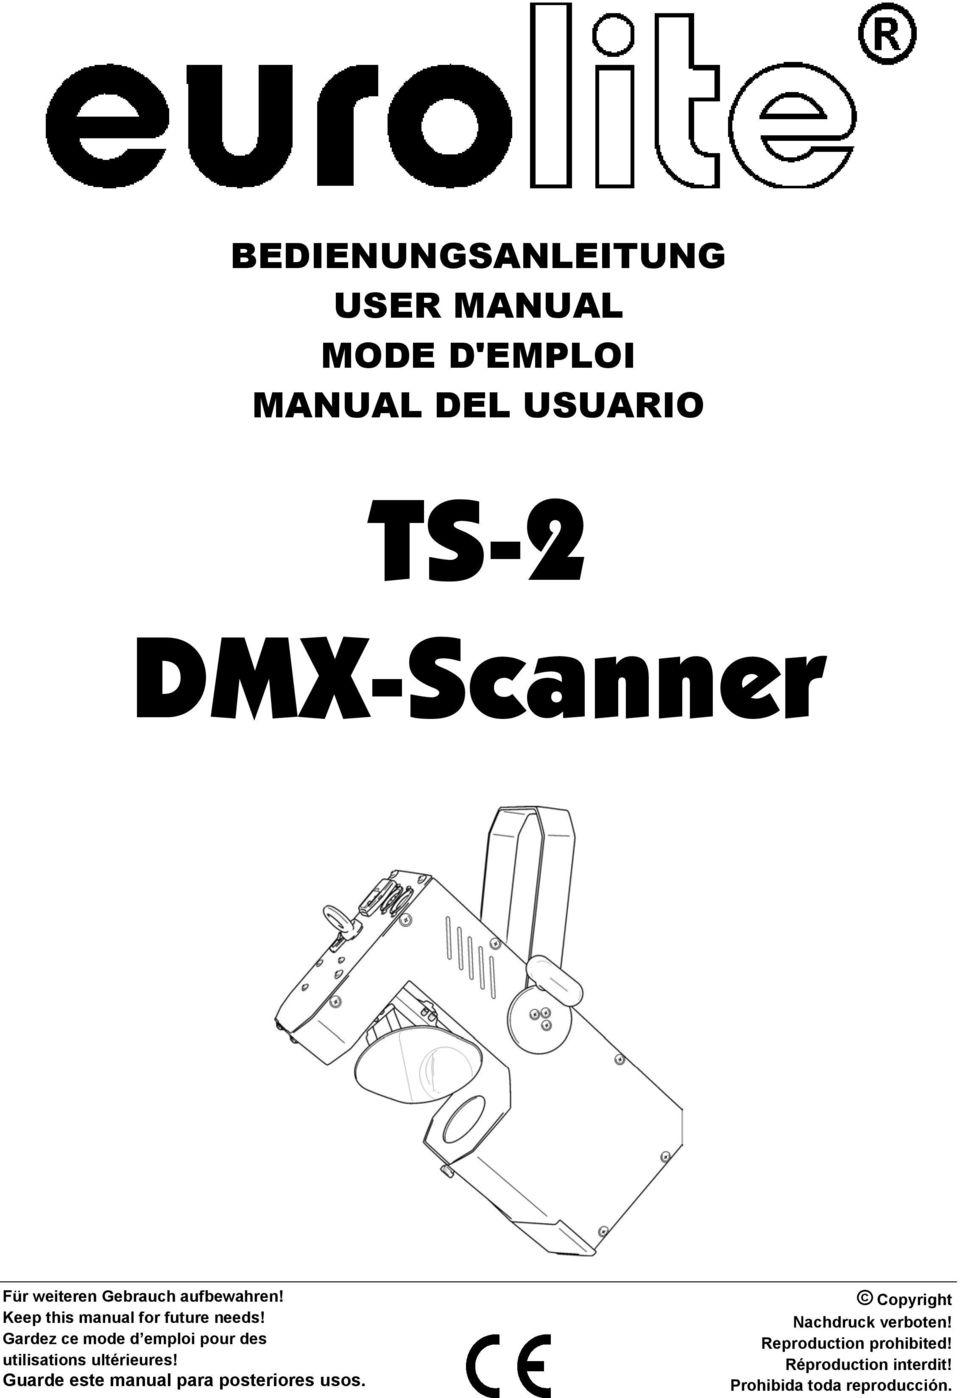 TS-2 DMX-Scanner BEDIENUNGSANLEITUNG USER MANUAL MODE D